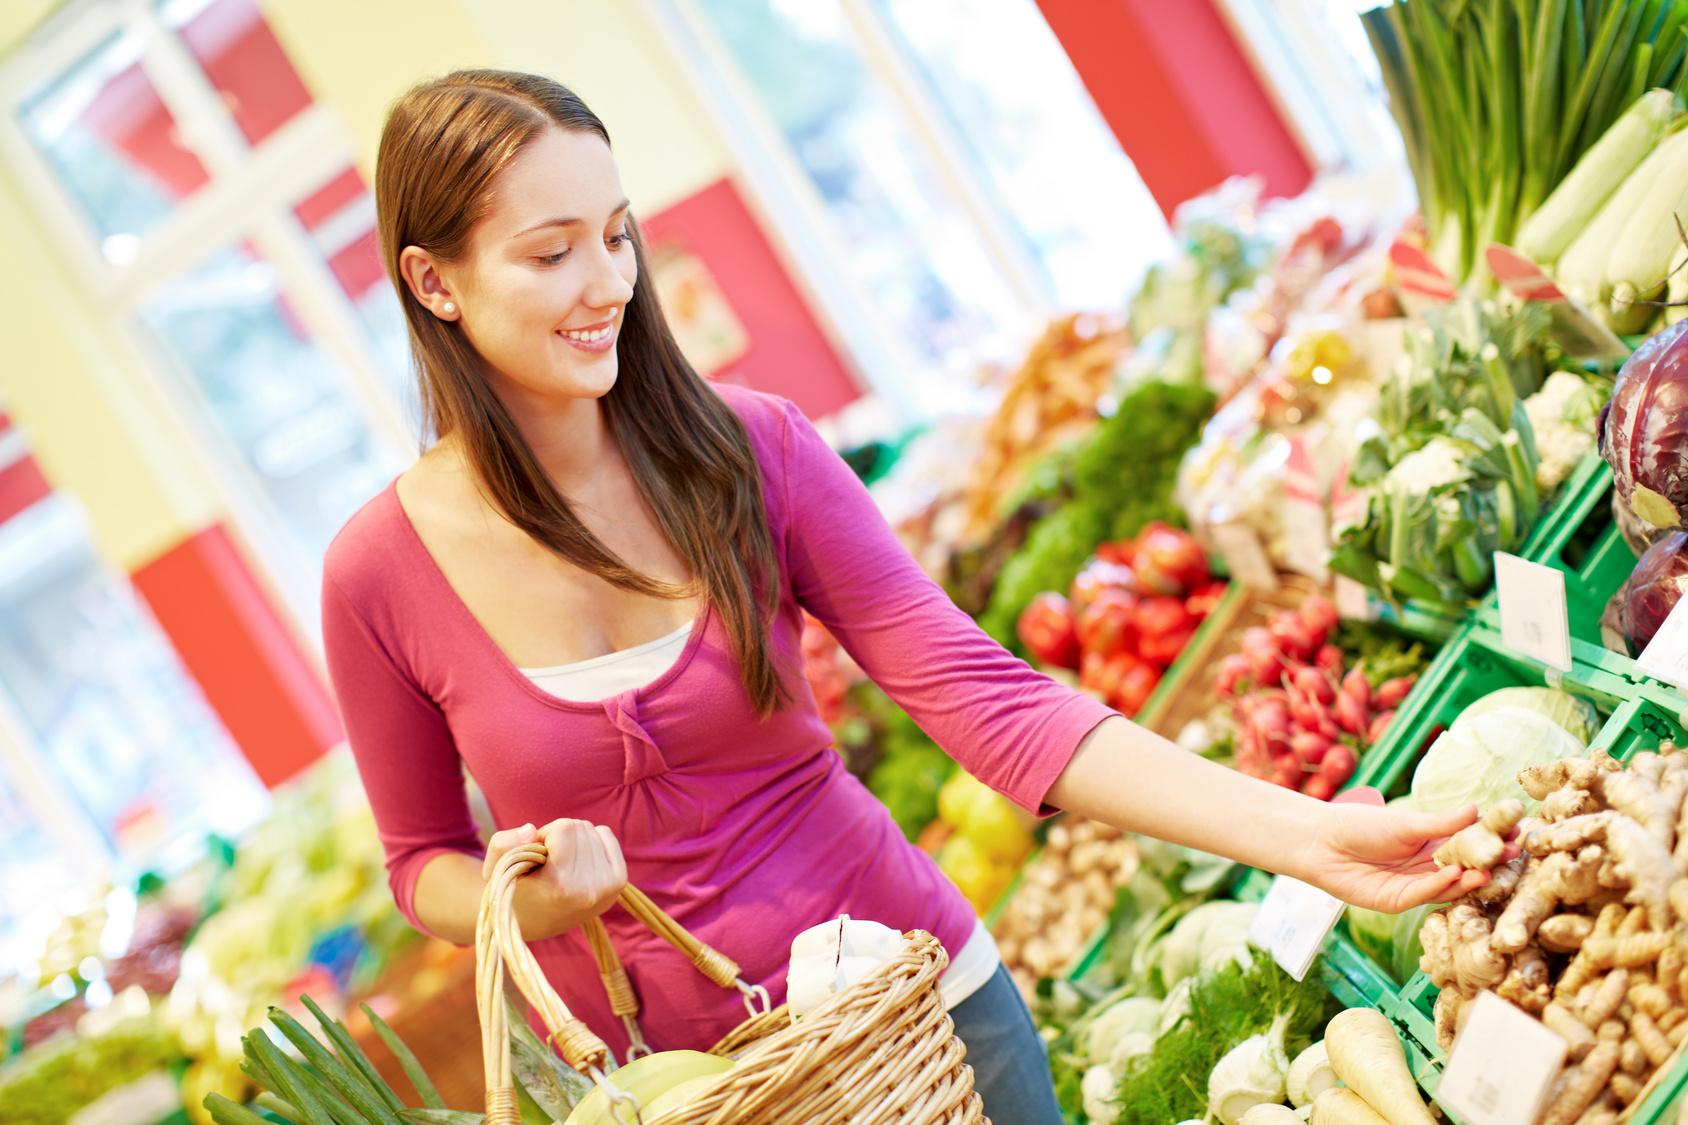 Junge Frau kauft Gemüse in einem Bio-Supermarkt